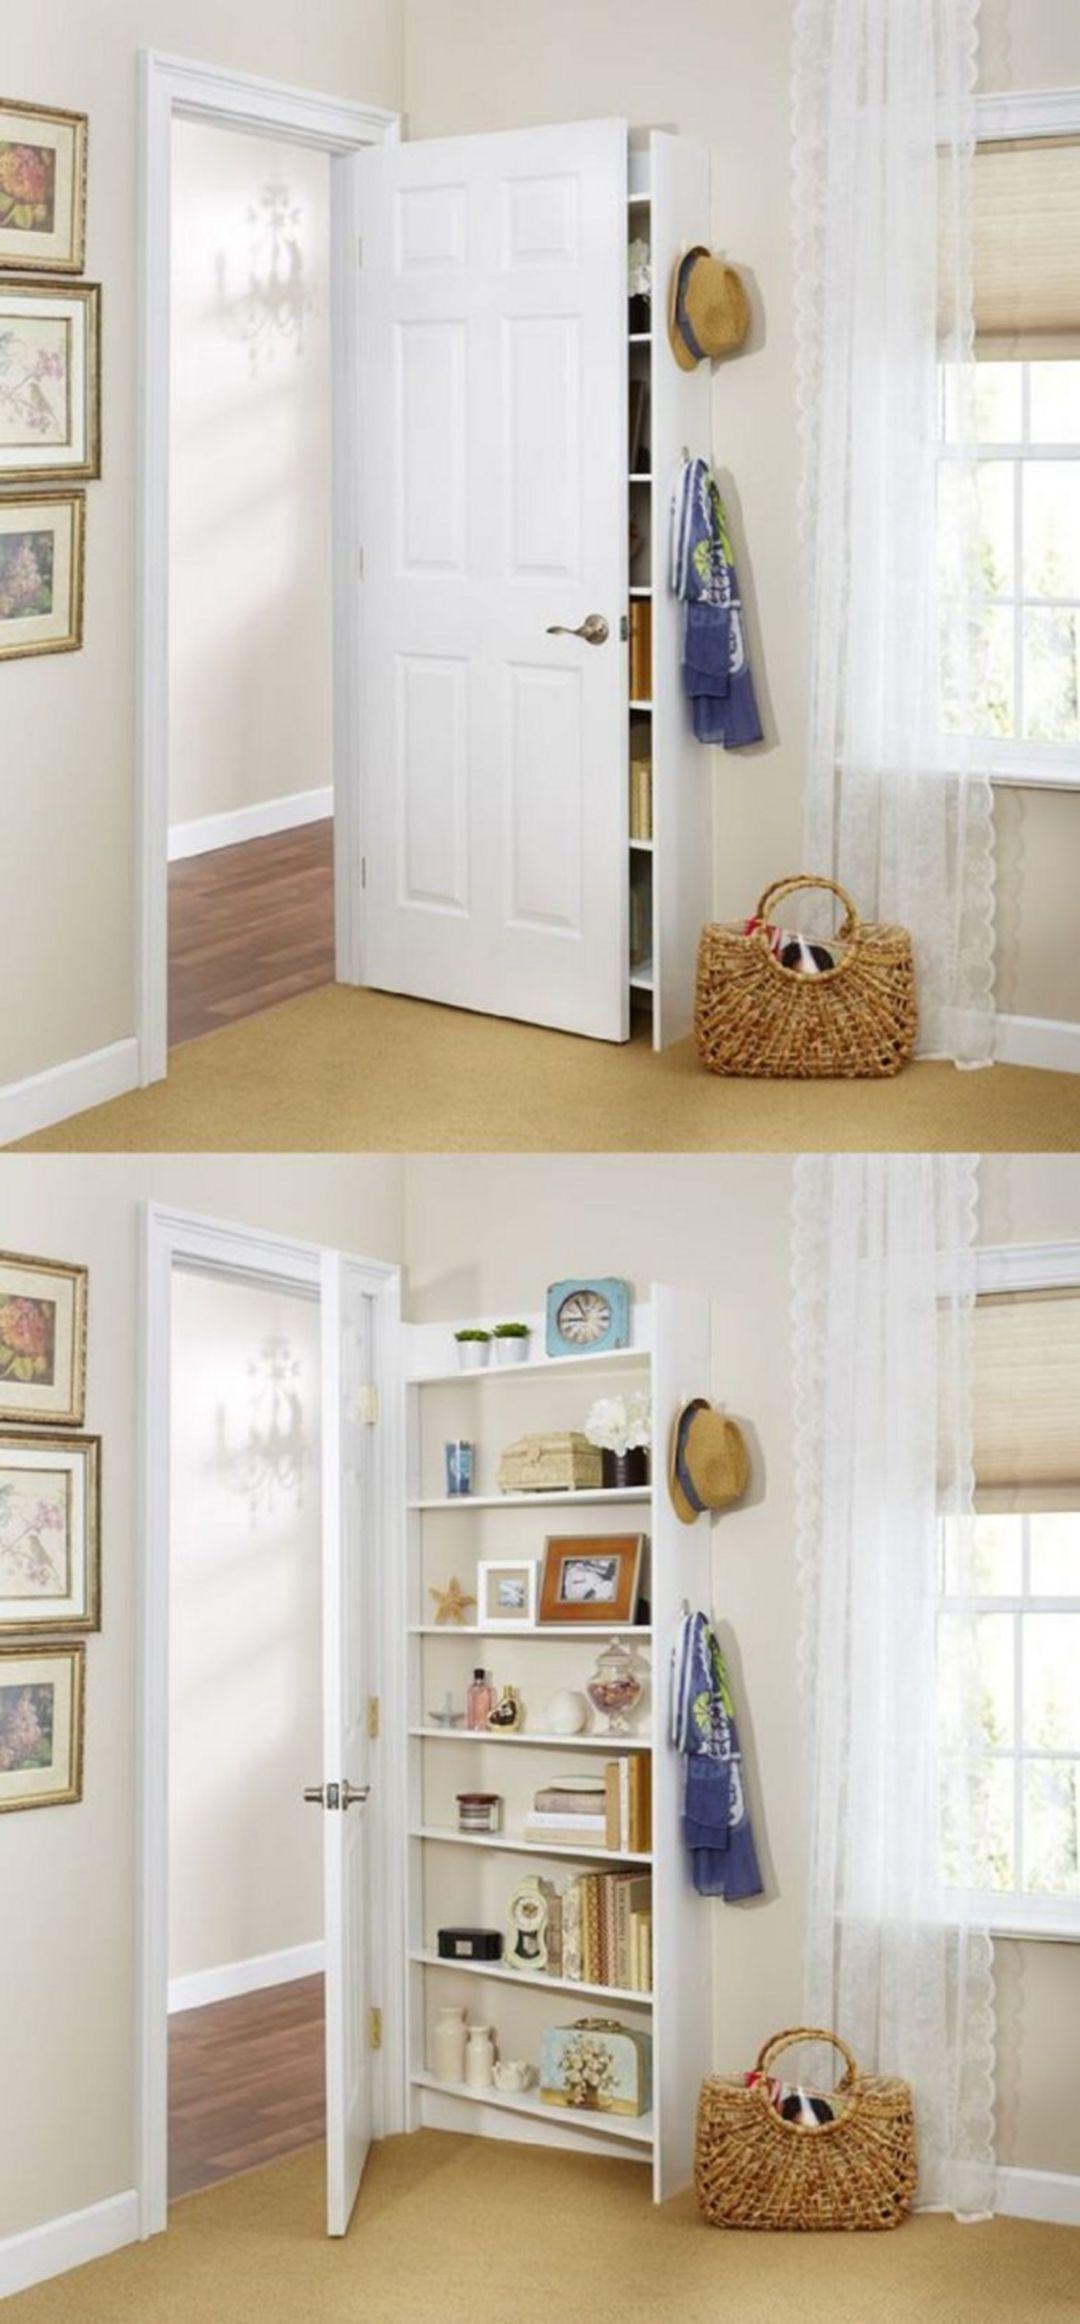 บาคาร า เกมคาส โน สล อต รวมเกม Casino ท ด และม นคงท ส ด Small Bedroom Storage Small Bedroom Furniture Small Space Bedroom